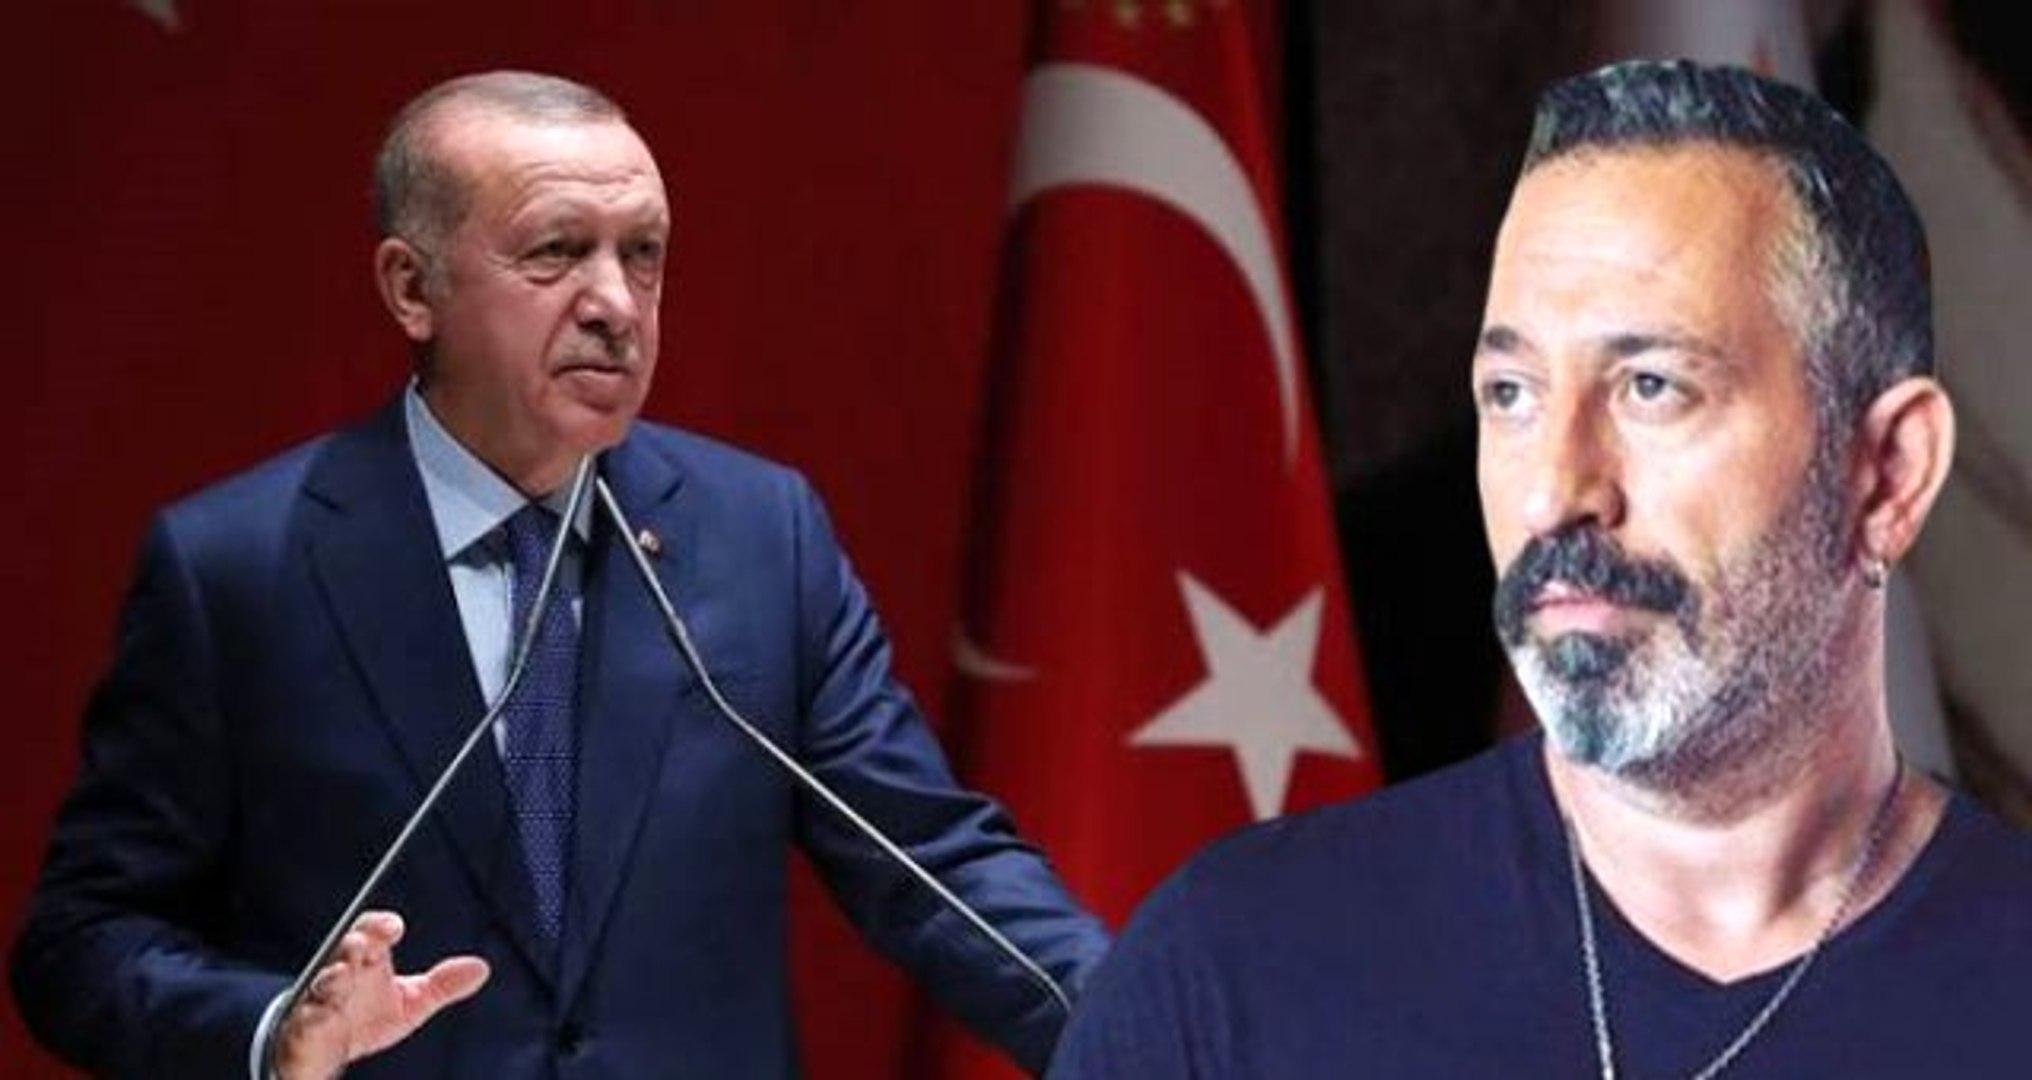 Cumhurbaşkanı Erdoğan, yerli otomobili tanıttığı gün Cem Yılmaz'ı geride bıraktı